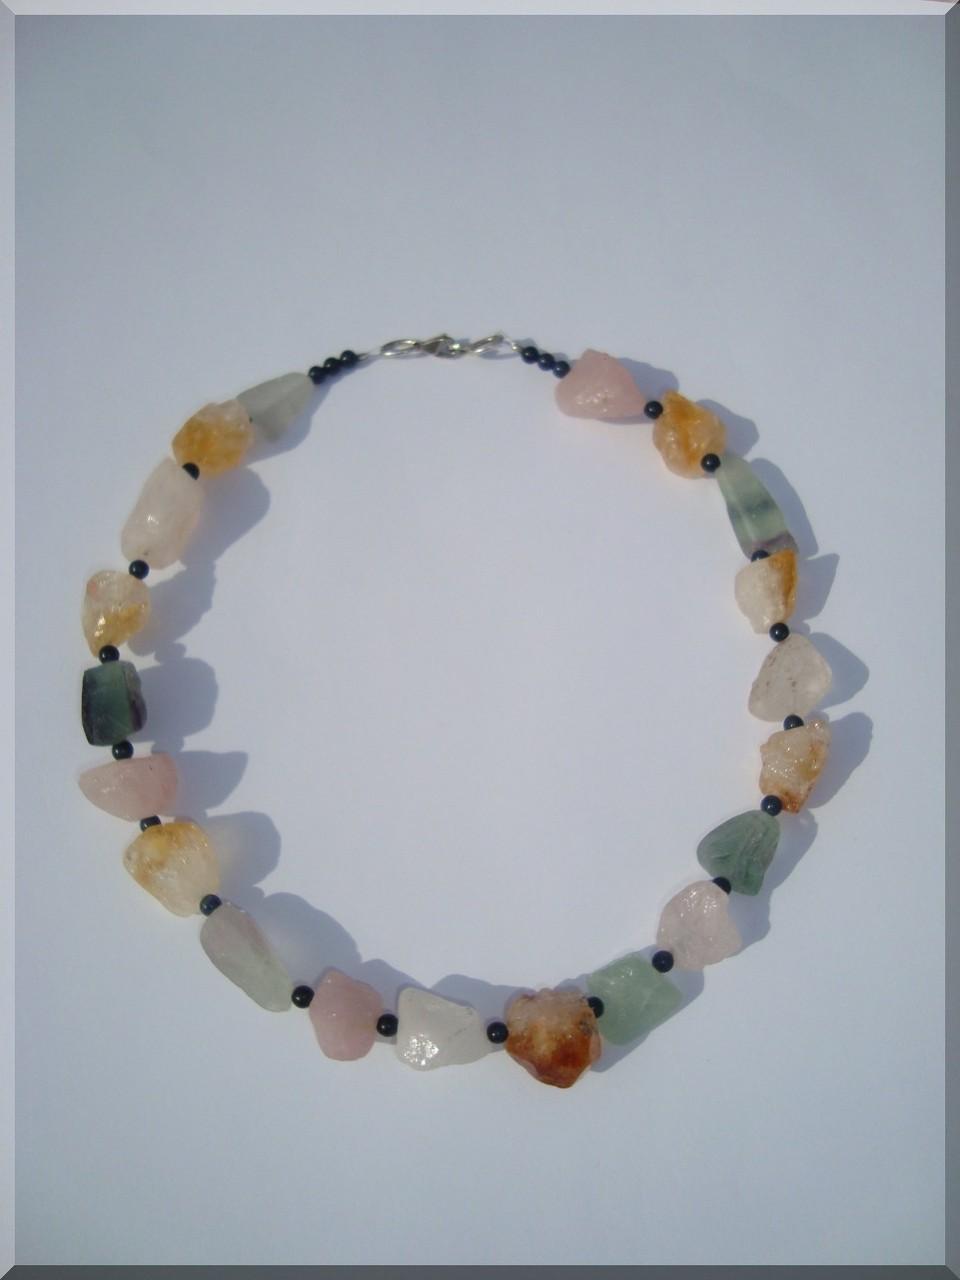 Edelstein - Brocken Halskette mit Dumortierit Perlen.